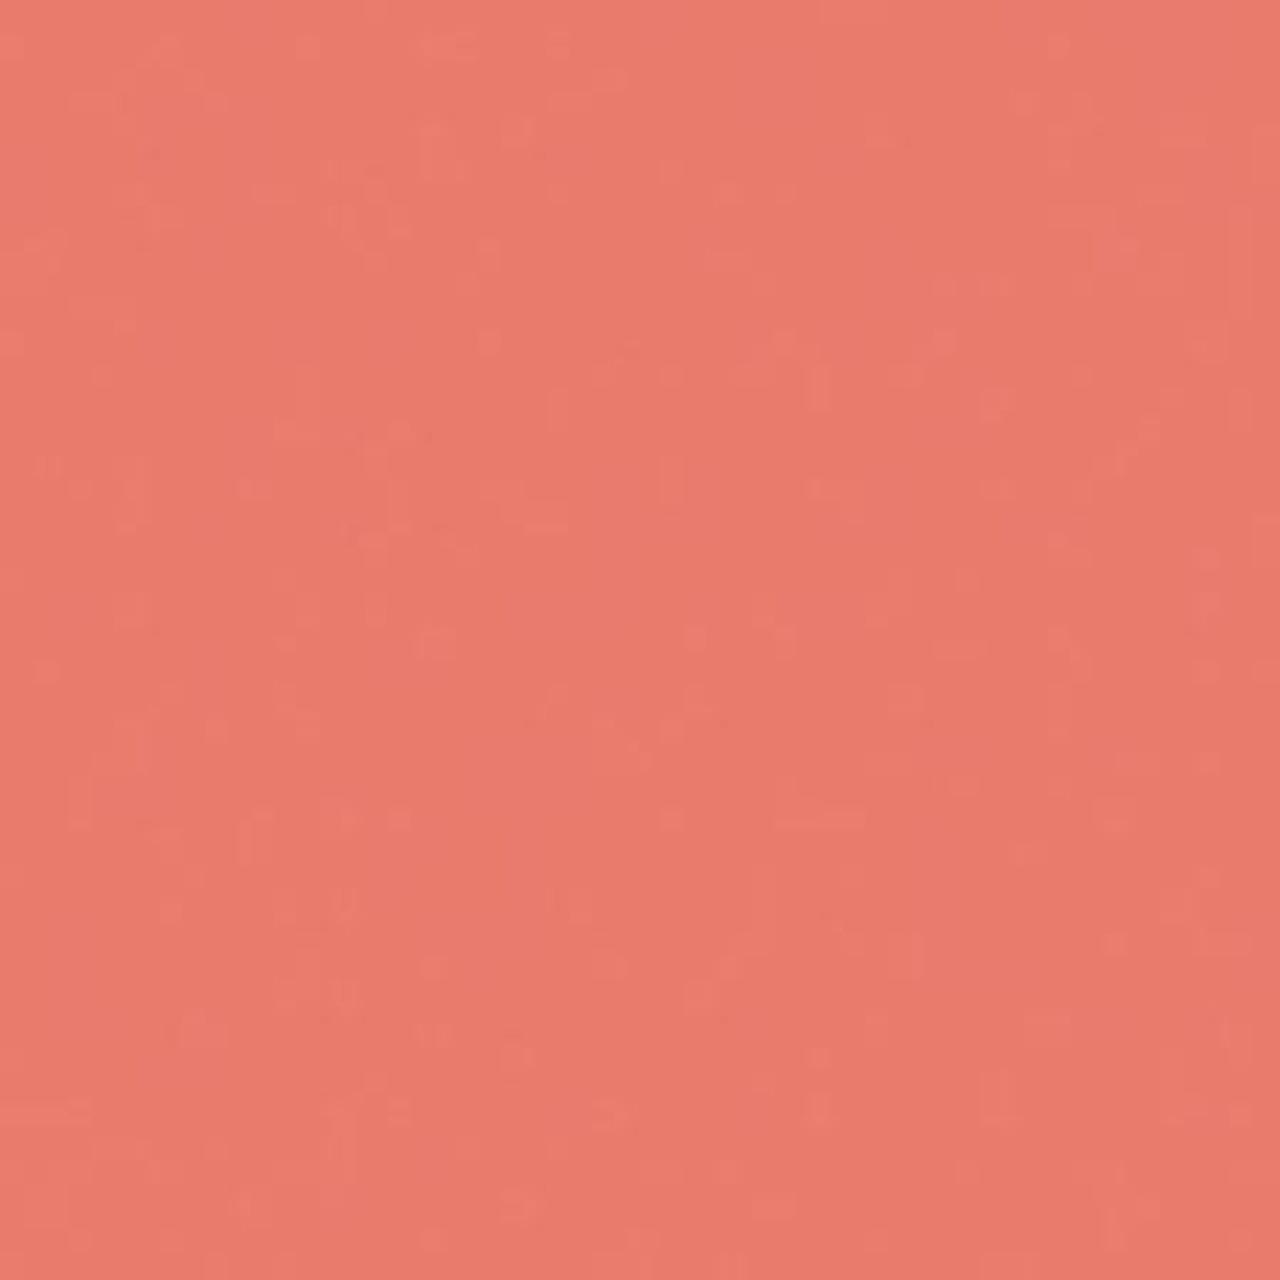 """#3310 Rosco Gels Roscolux Fluorofilter, 20x24"""""""